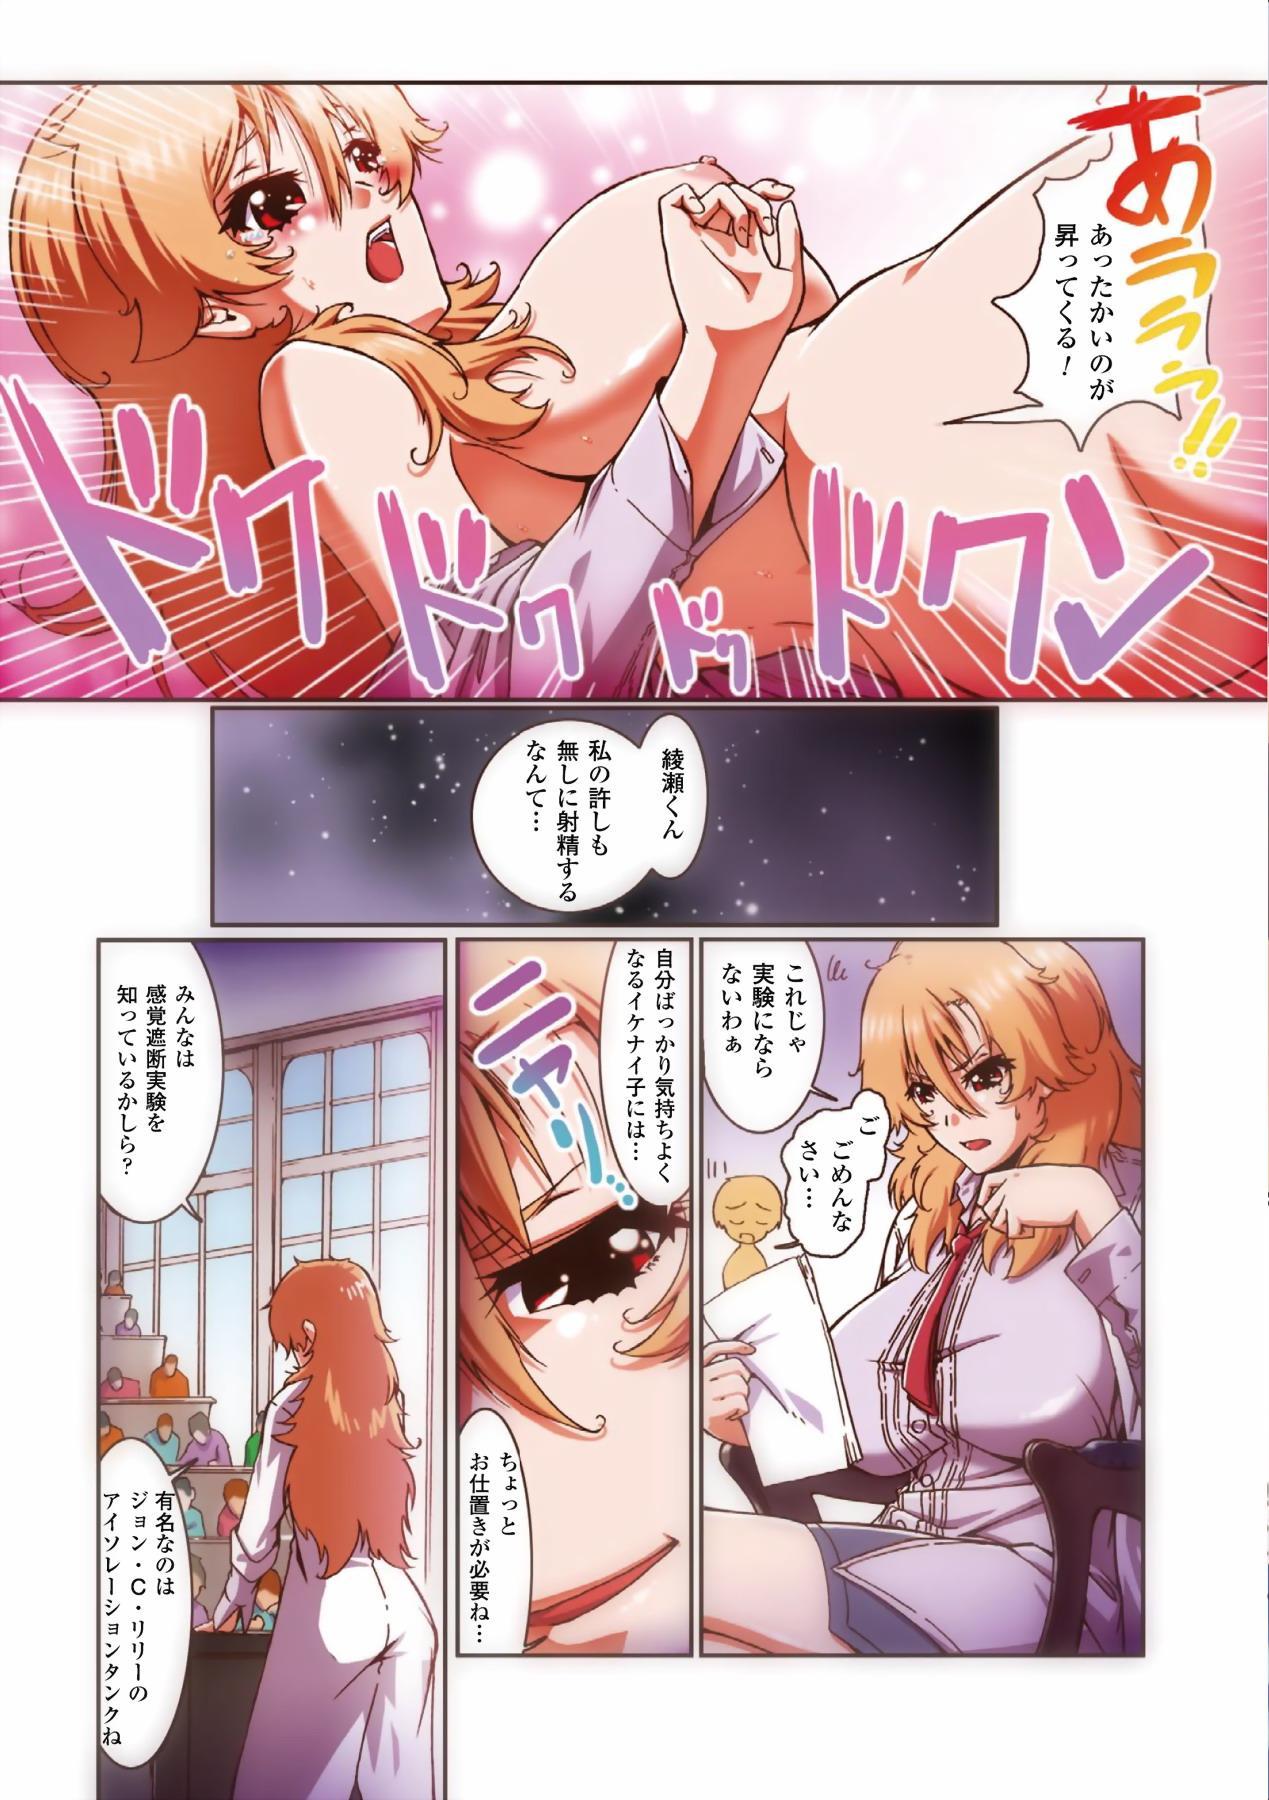 [Anthology] Gatchiri Kairaku Land Vol.2 ~Chijoku-hen~ Joshikousei ga, Mahou Shoujo ga, Otoko no Ko ga Okasareru!!! [Digital] 16